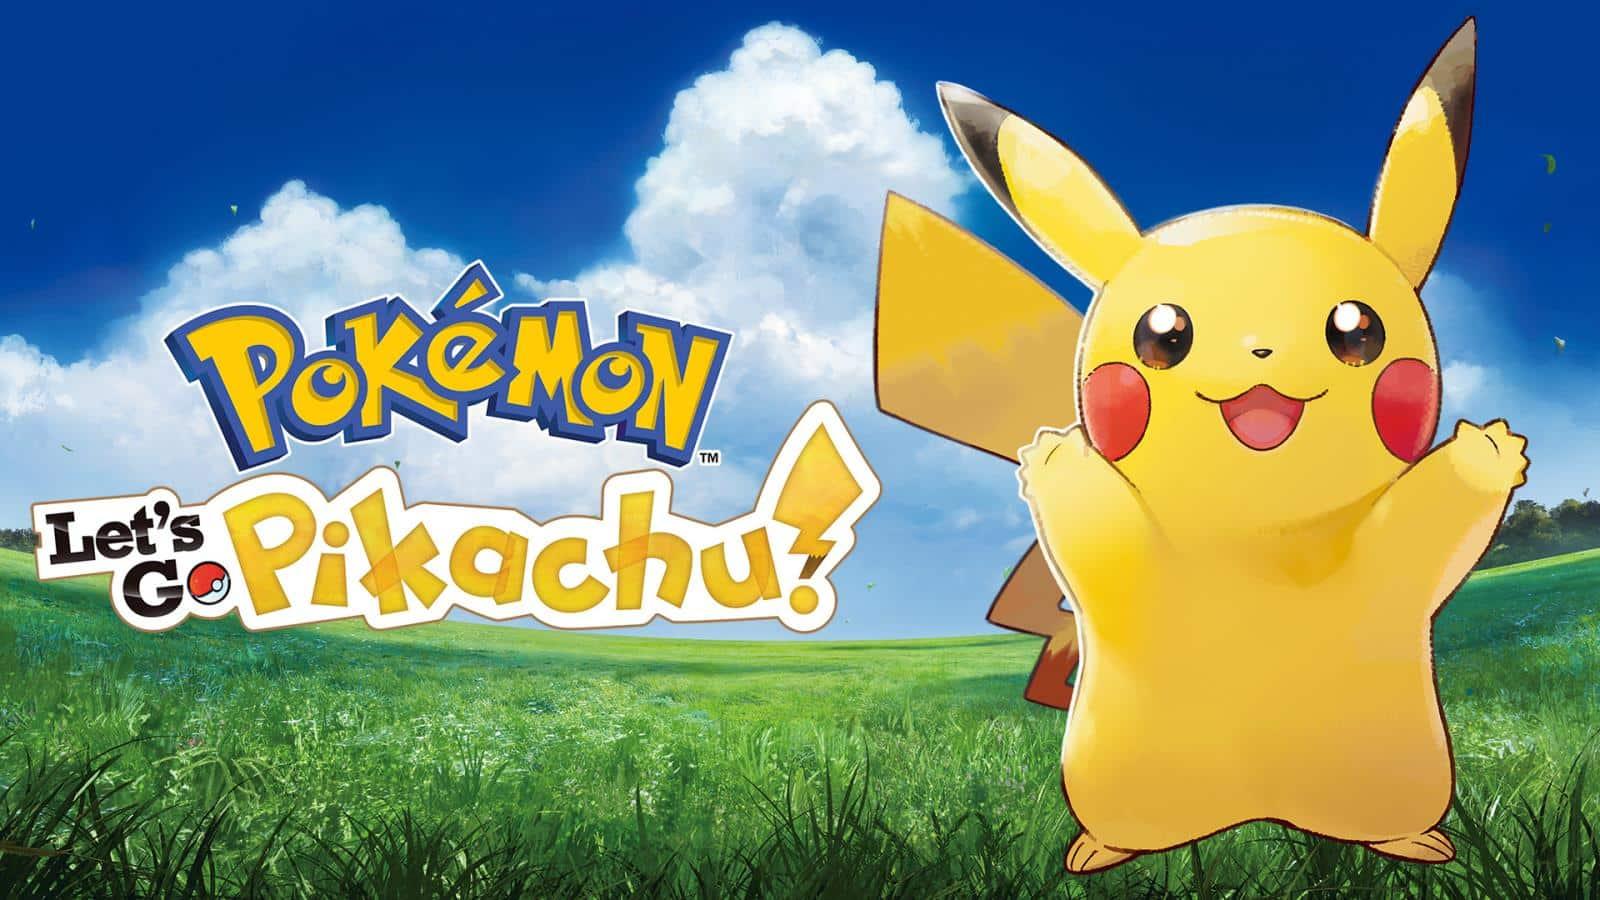 Pokemon Let's Go: Pikachu